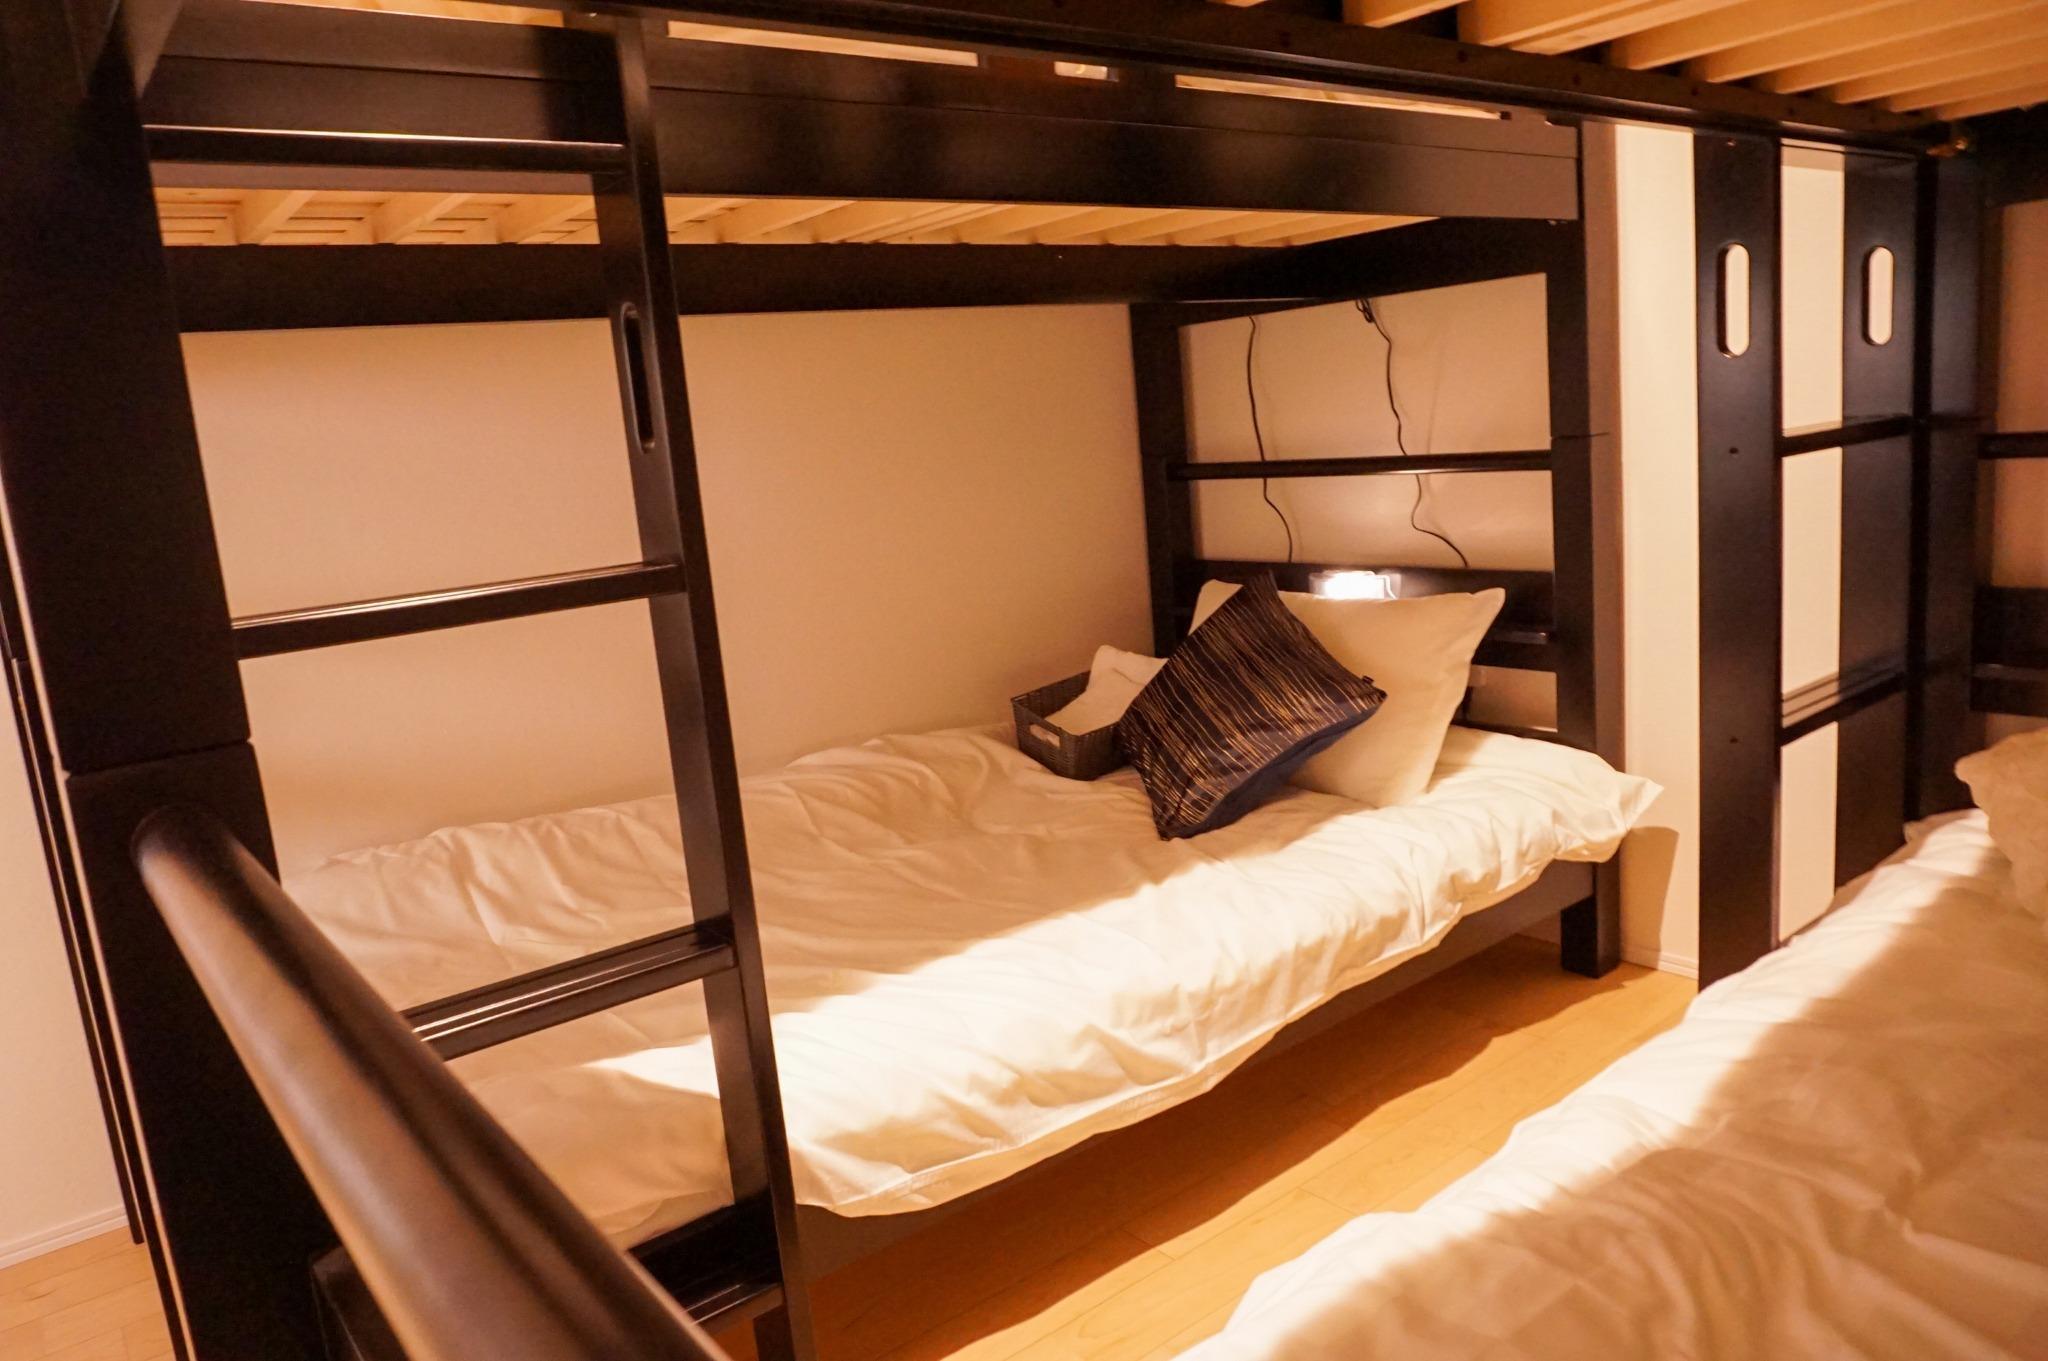 女性専用ドミトリー(2段ベッド・最大4名), 海まで徒歩2分, Wifi, シャワー, キッチン完備